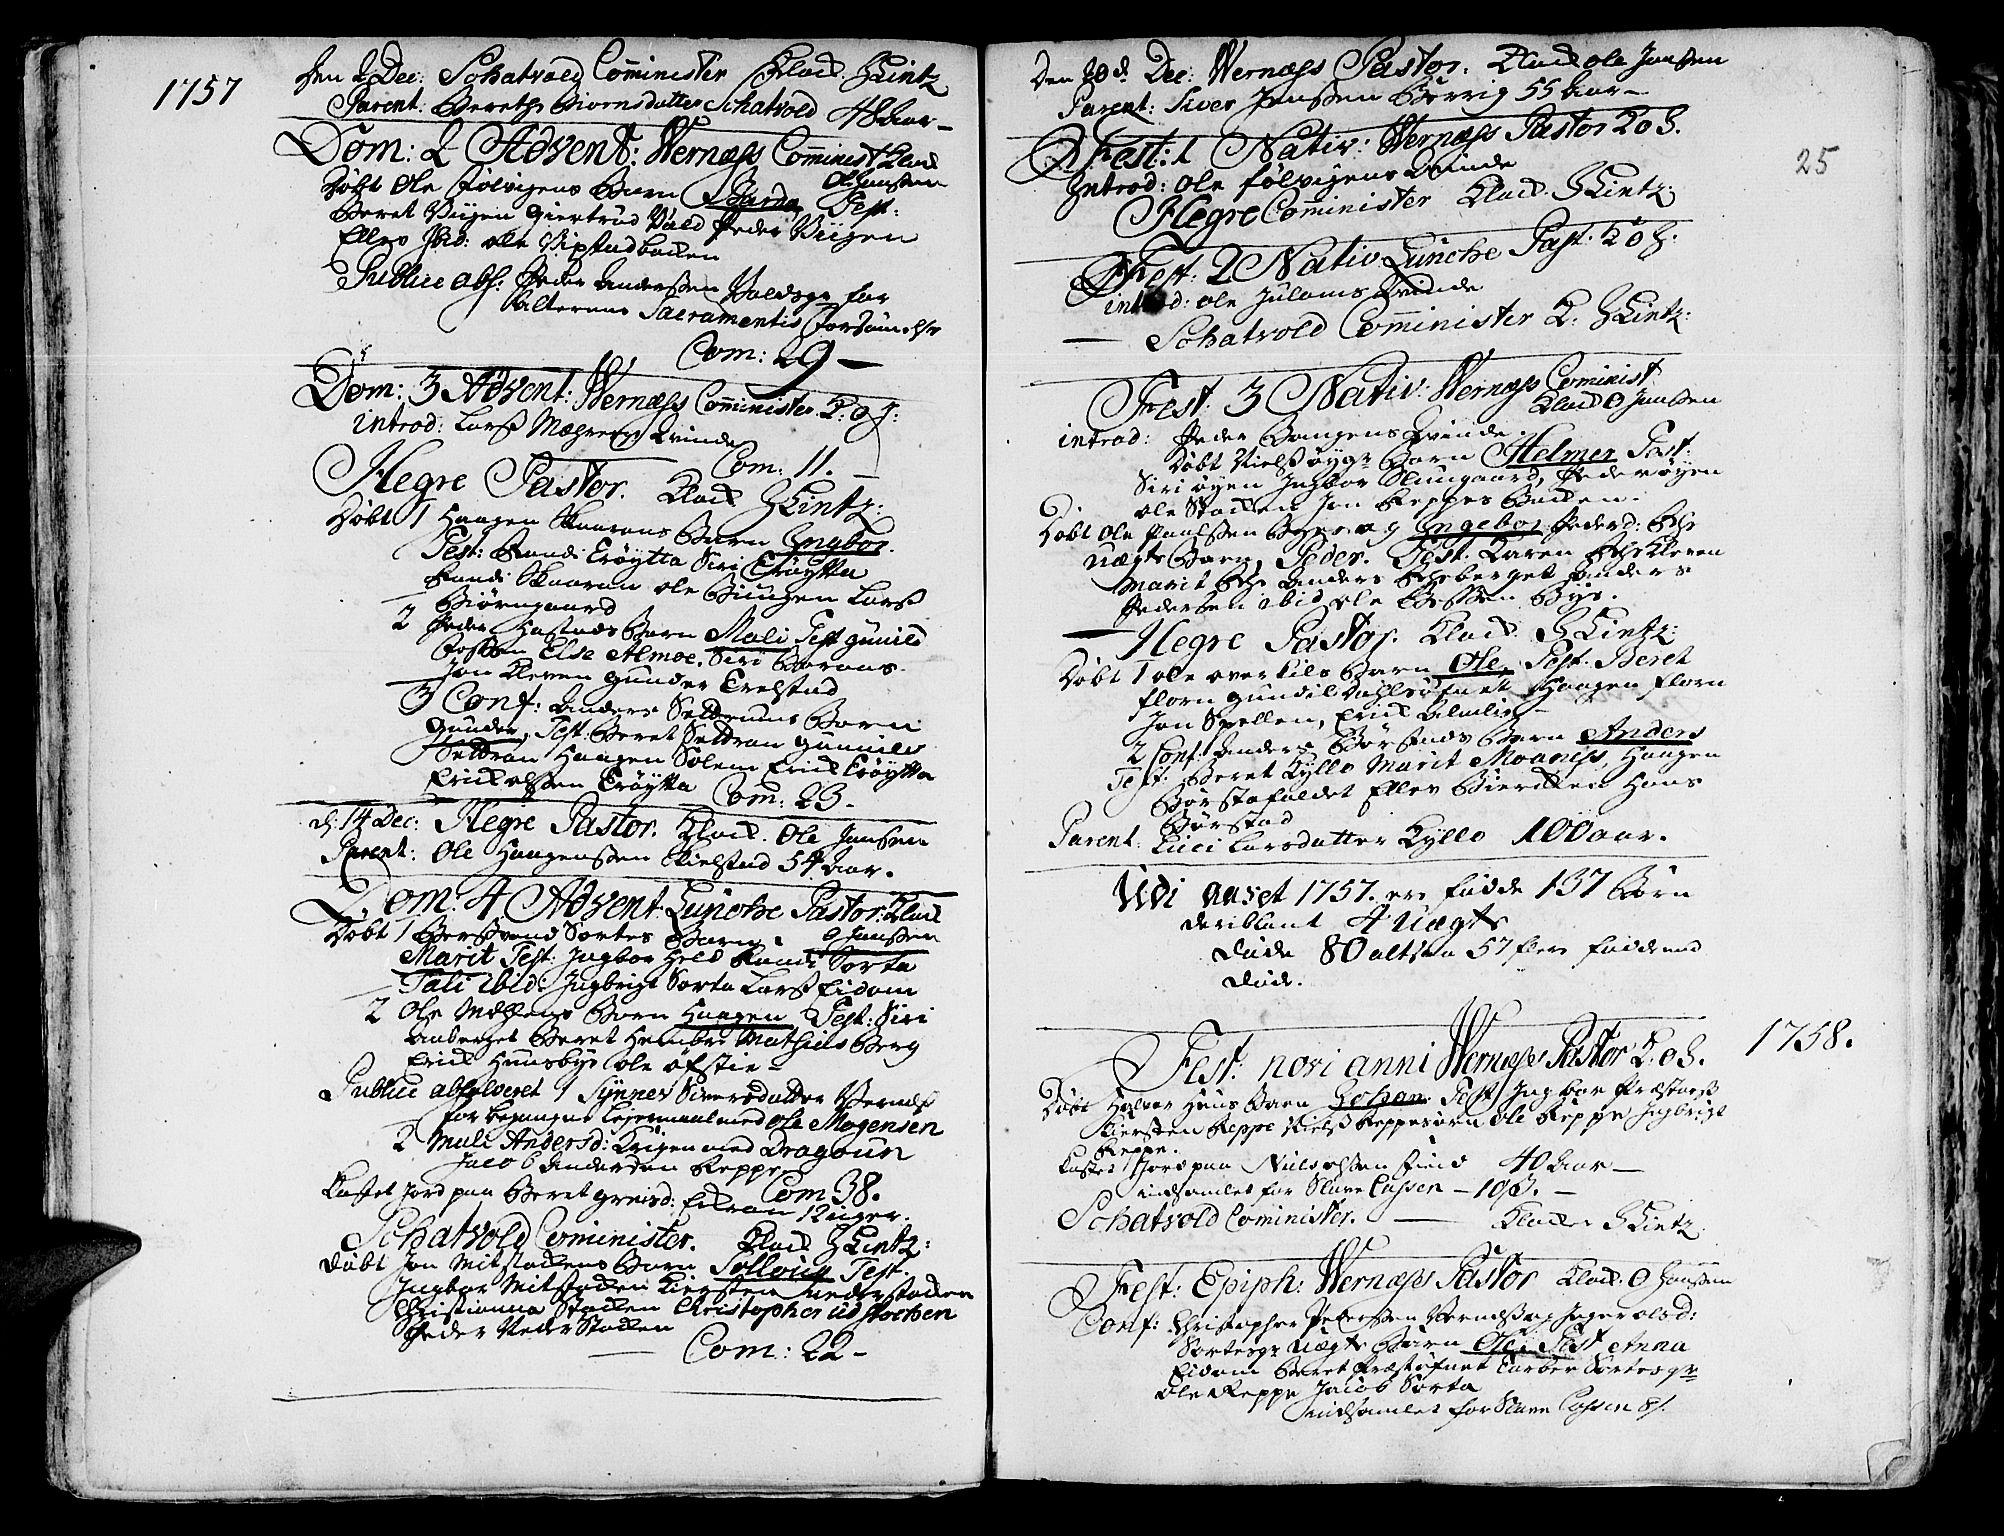 SAT, Ministerialprotokoller, klokkerbøker og fødselsregistre - Nord-Trøndelag, 709/L0057: Ministerialbok nr. 709A05, 1755-1780, s. 25